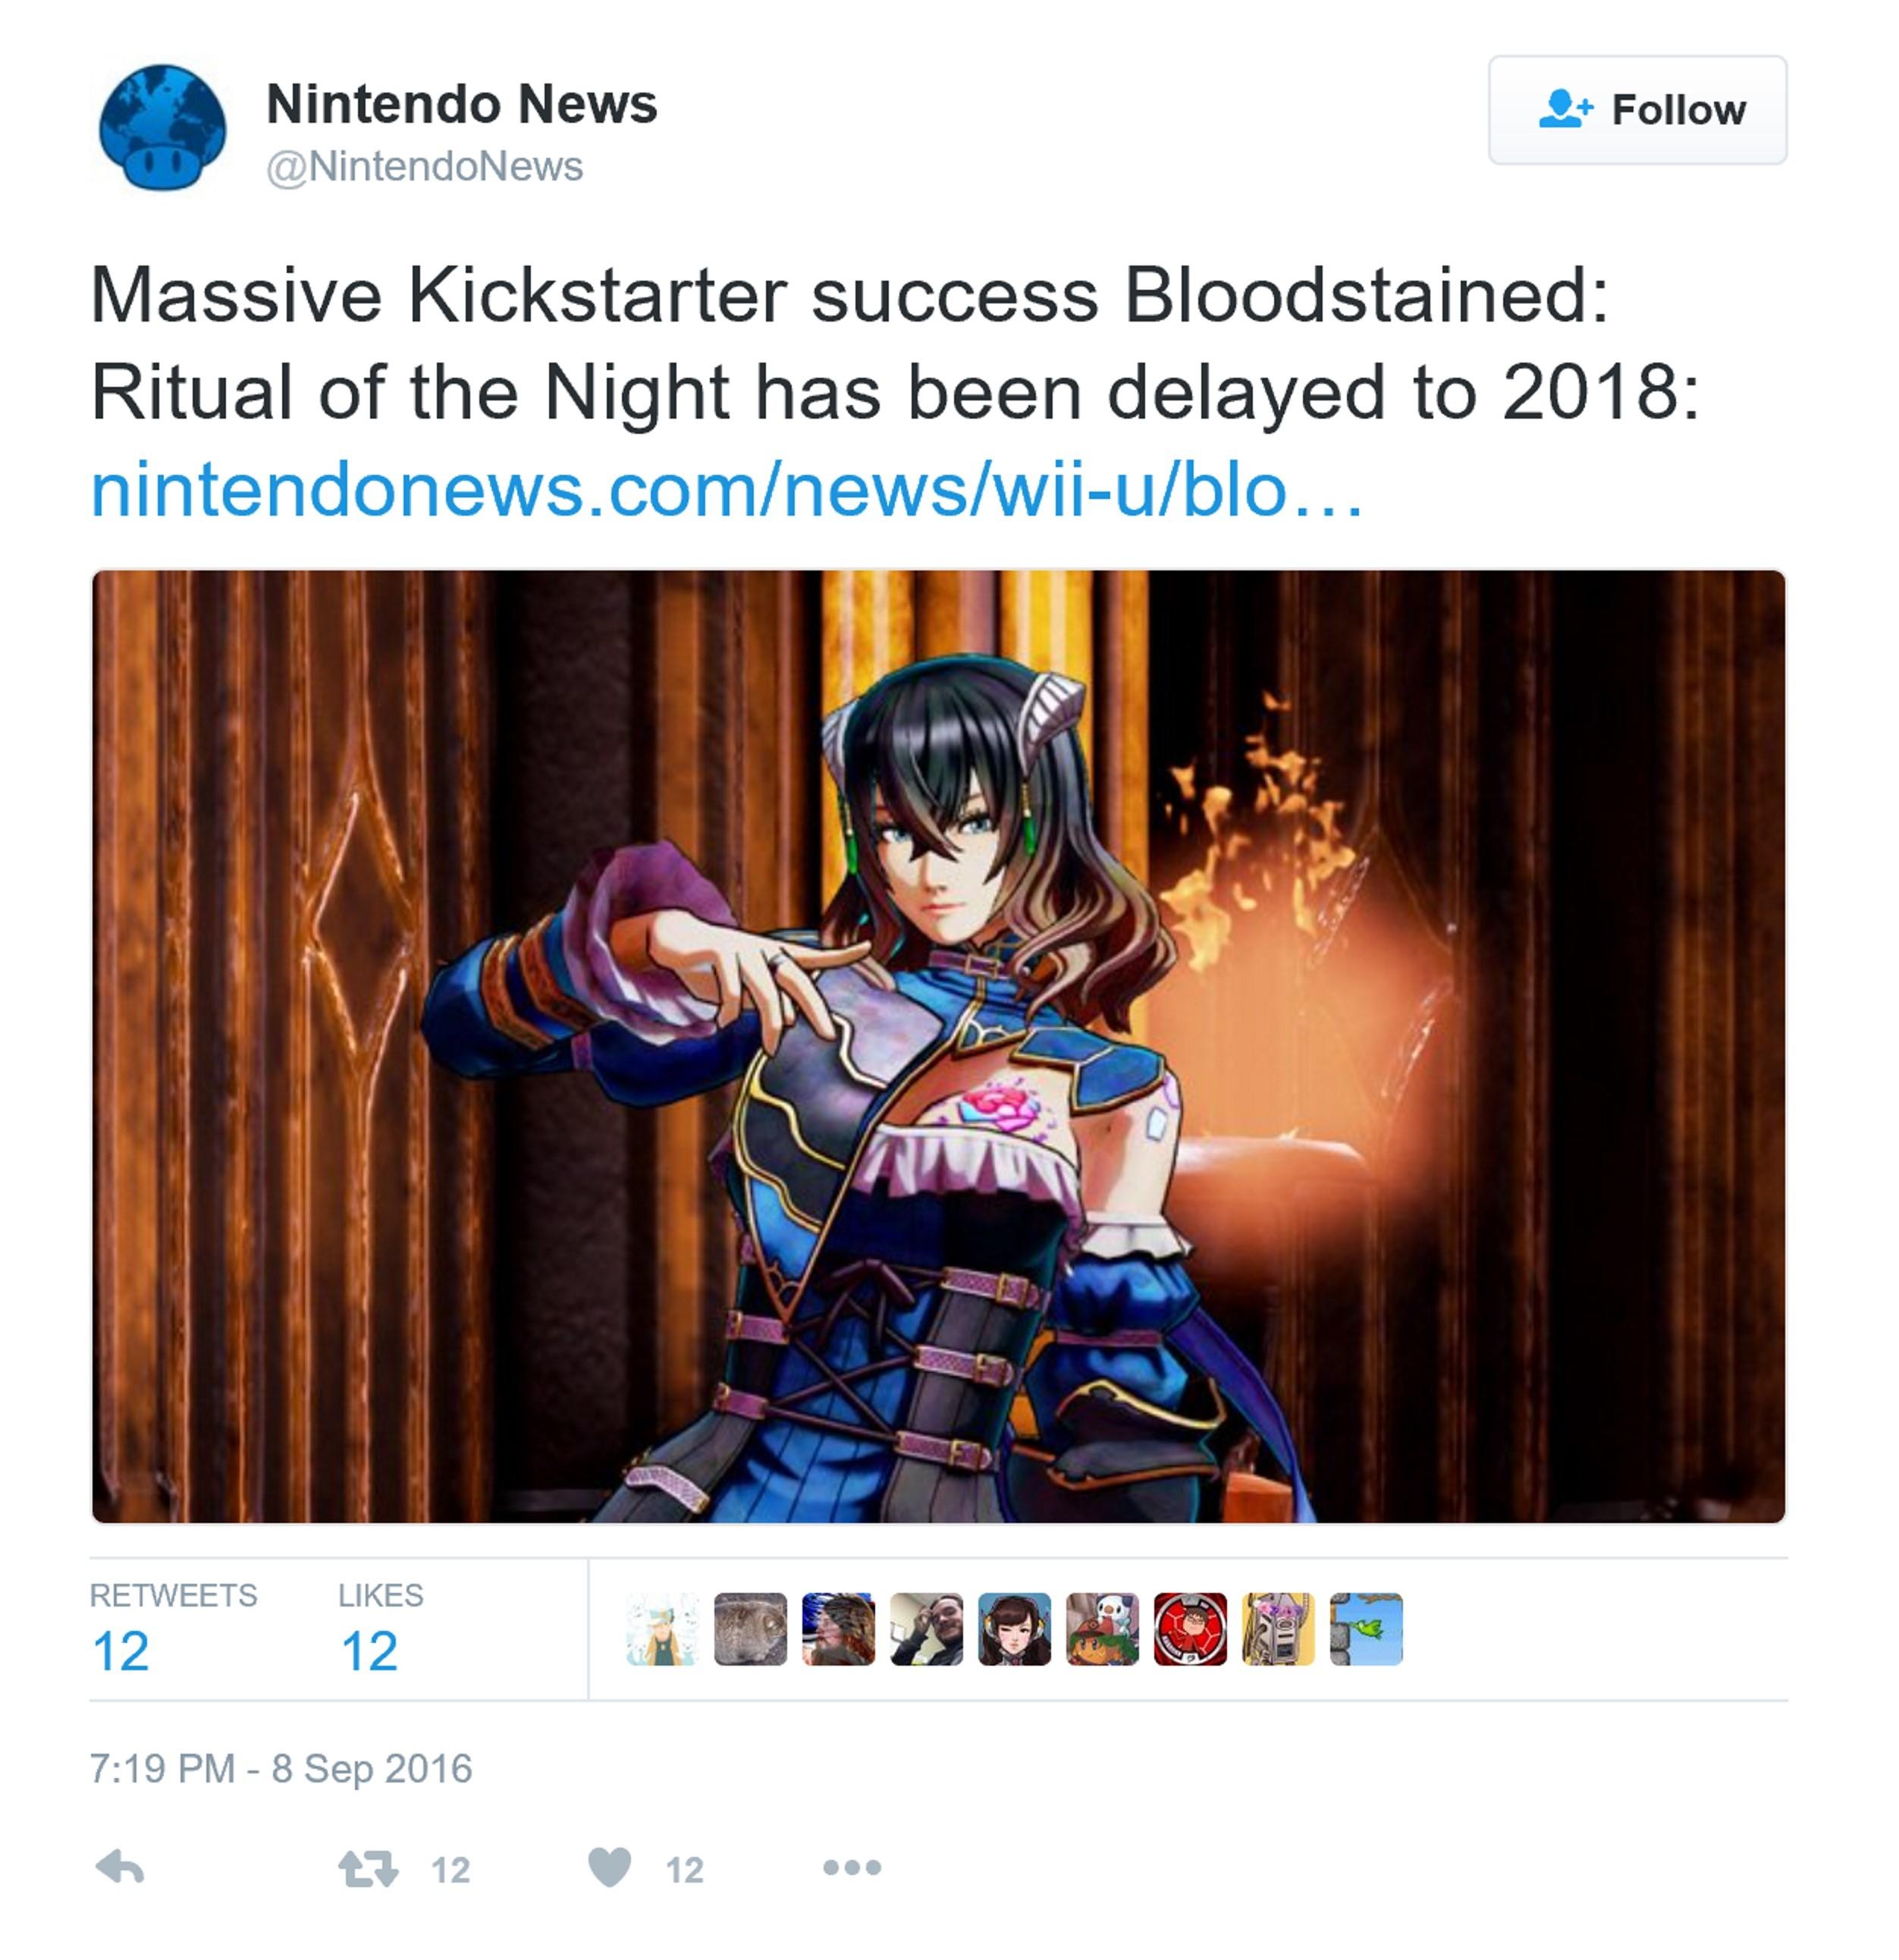 《血迹:夜之仪式》宣布跳票至2018年